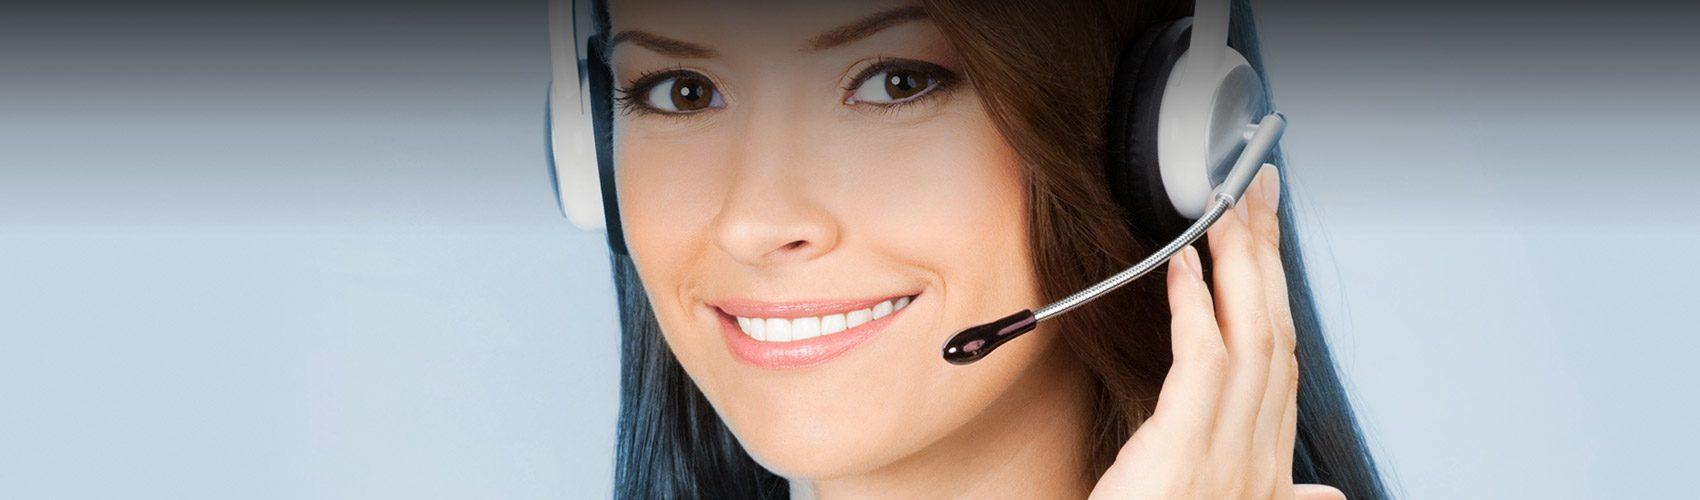 Book an Appointment - Dentiq Dental